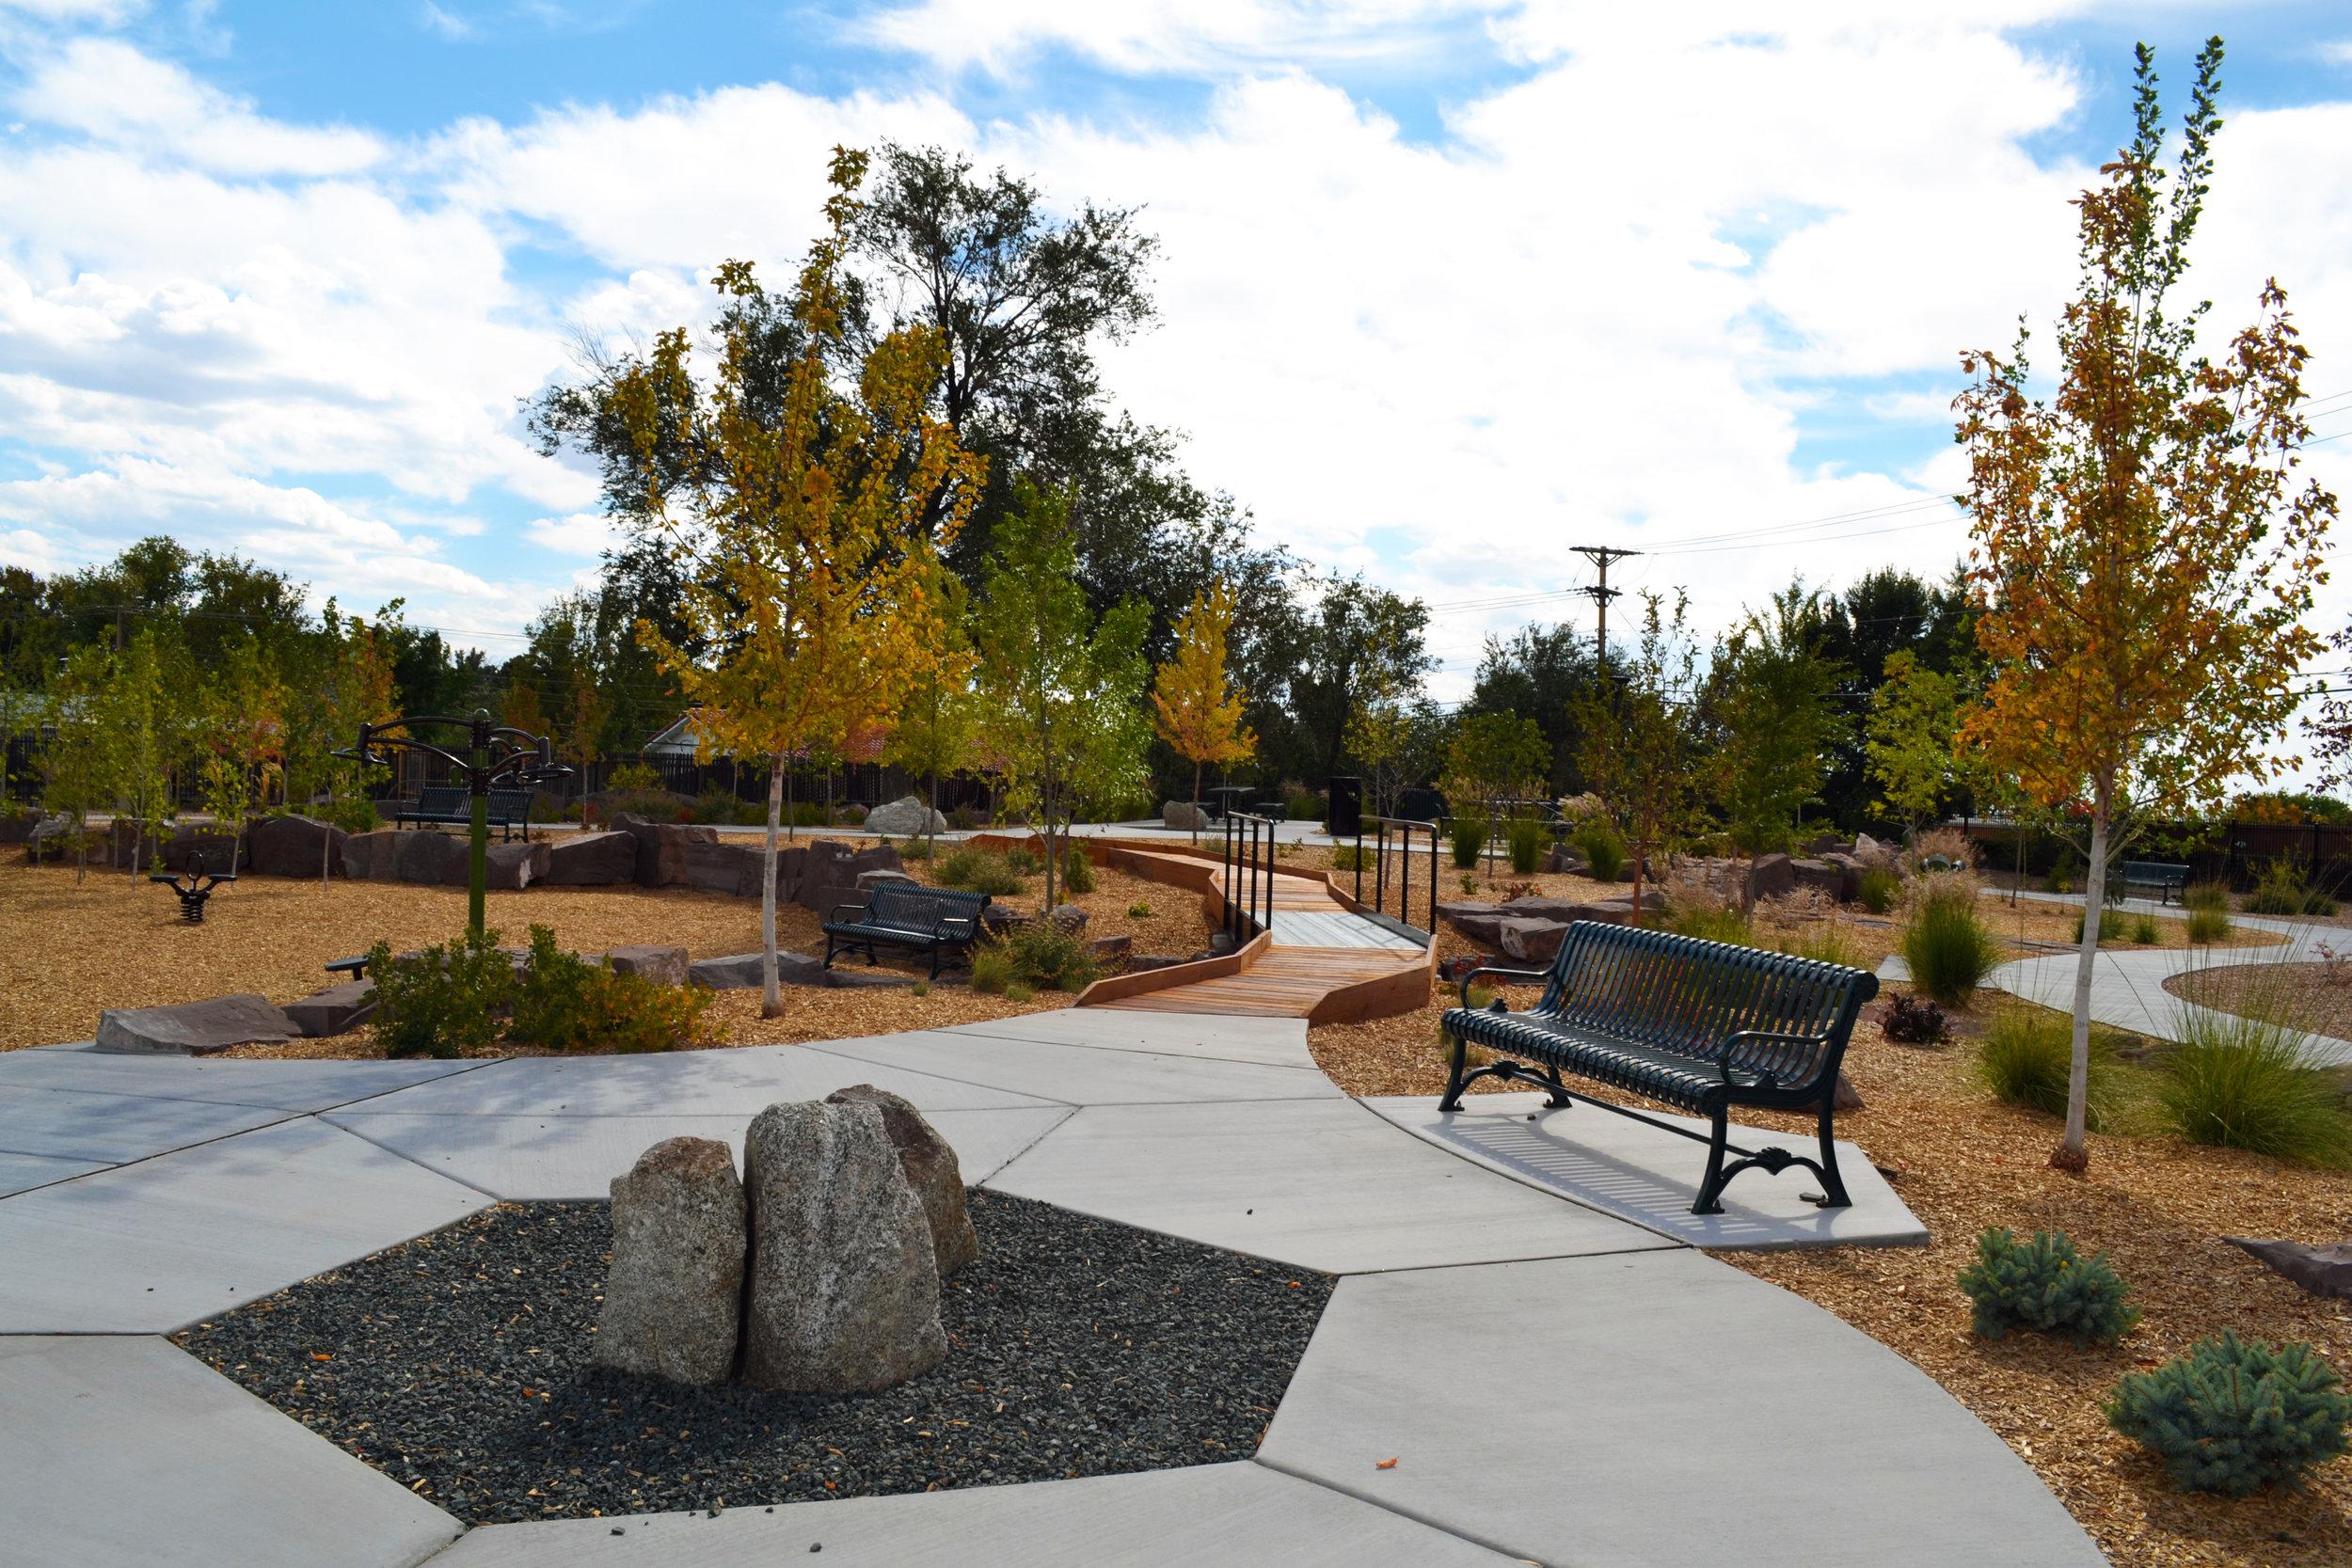 4 Four Hills Village Park, Albuquerque NM -  seating plaza